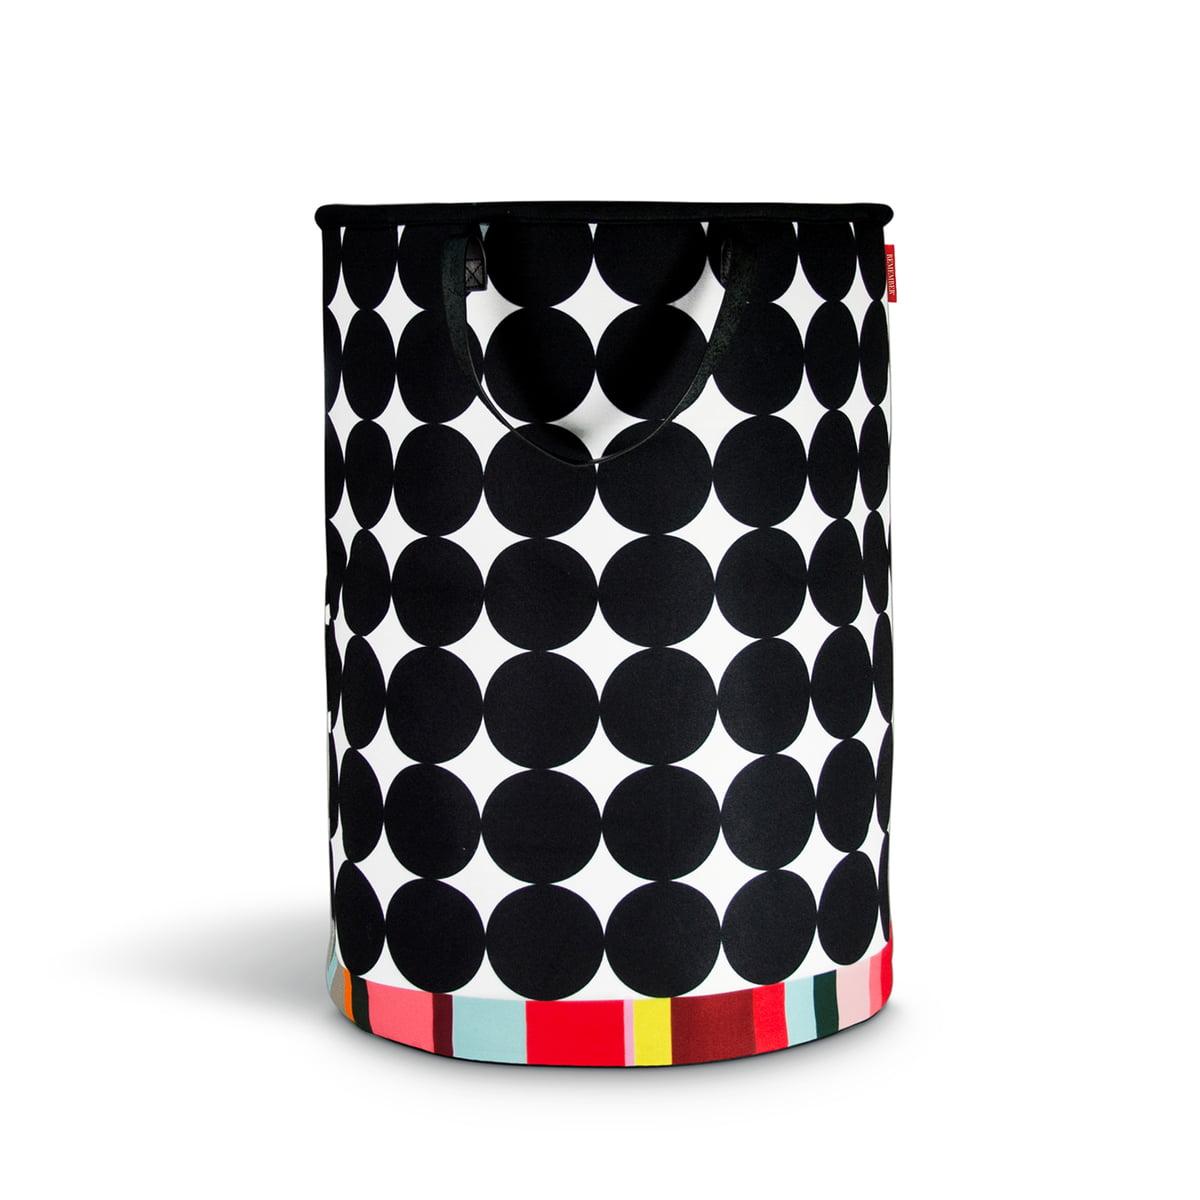 Design Wäschekorb wäschekorb remember im shop kaufen